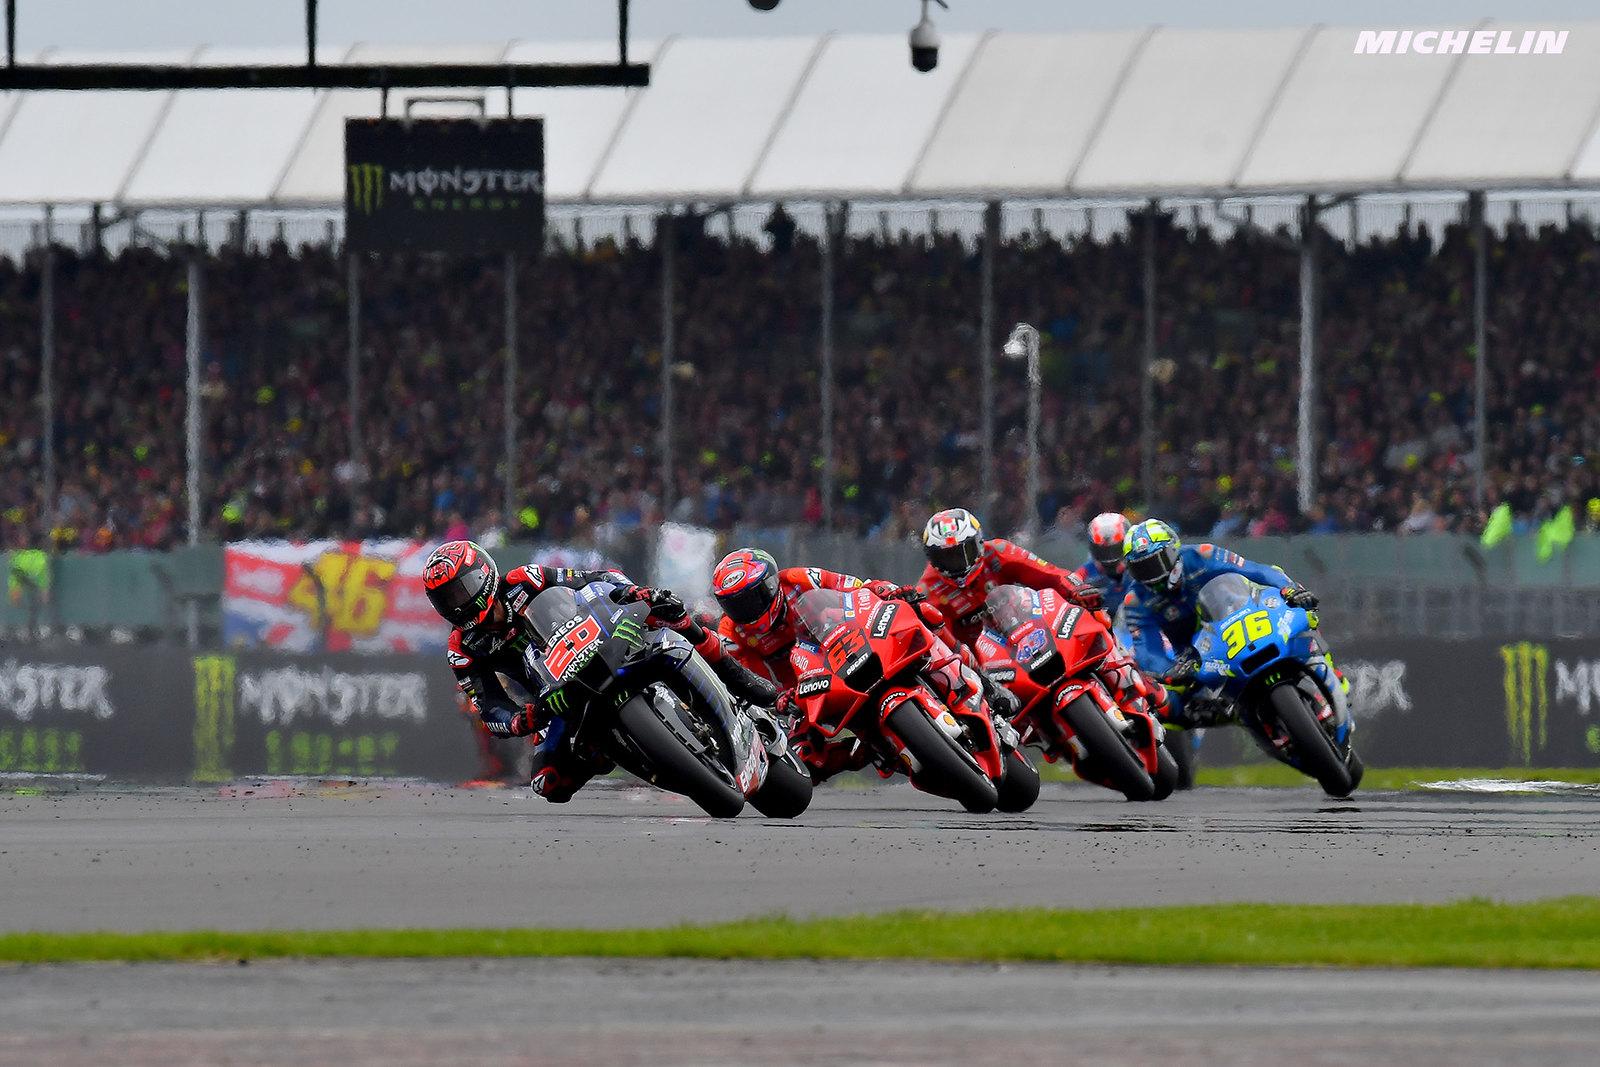 MotoGP2021イギリスGP 14位フランチェスコ・バニャイア「ファビオが既にチャンピオンシップ優勝を決めたようなもの」